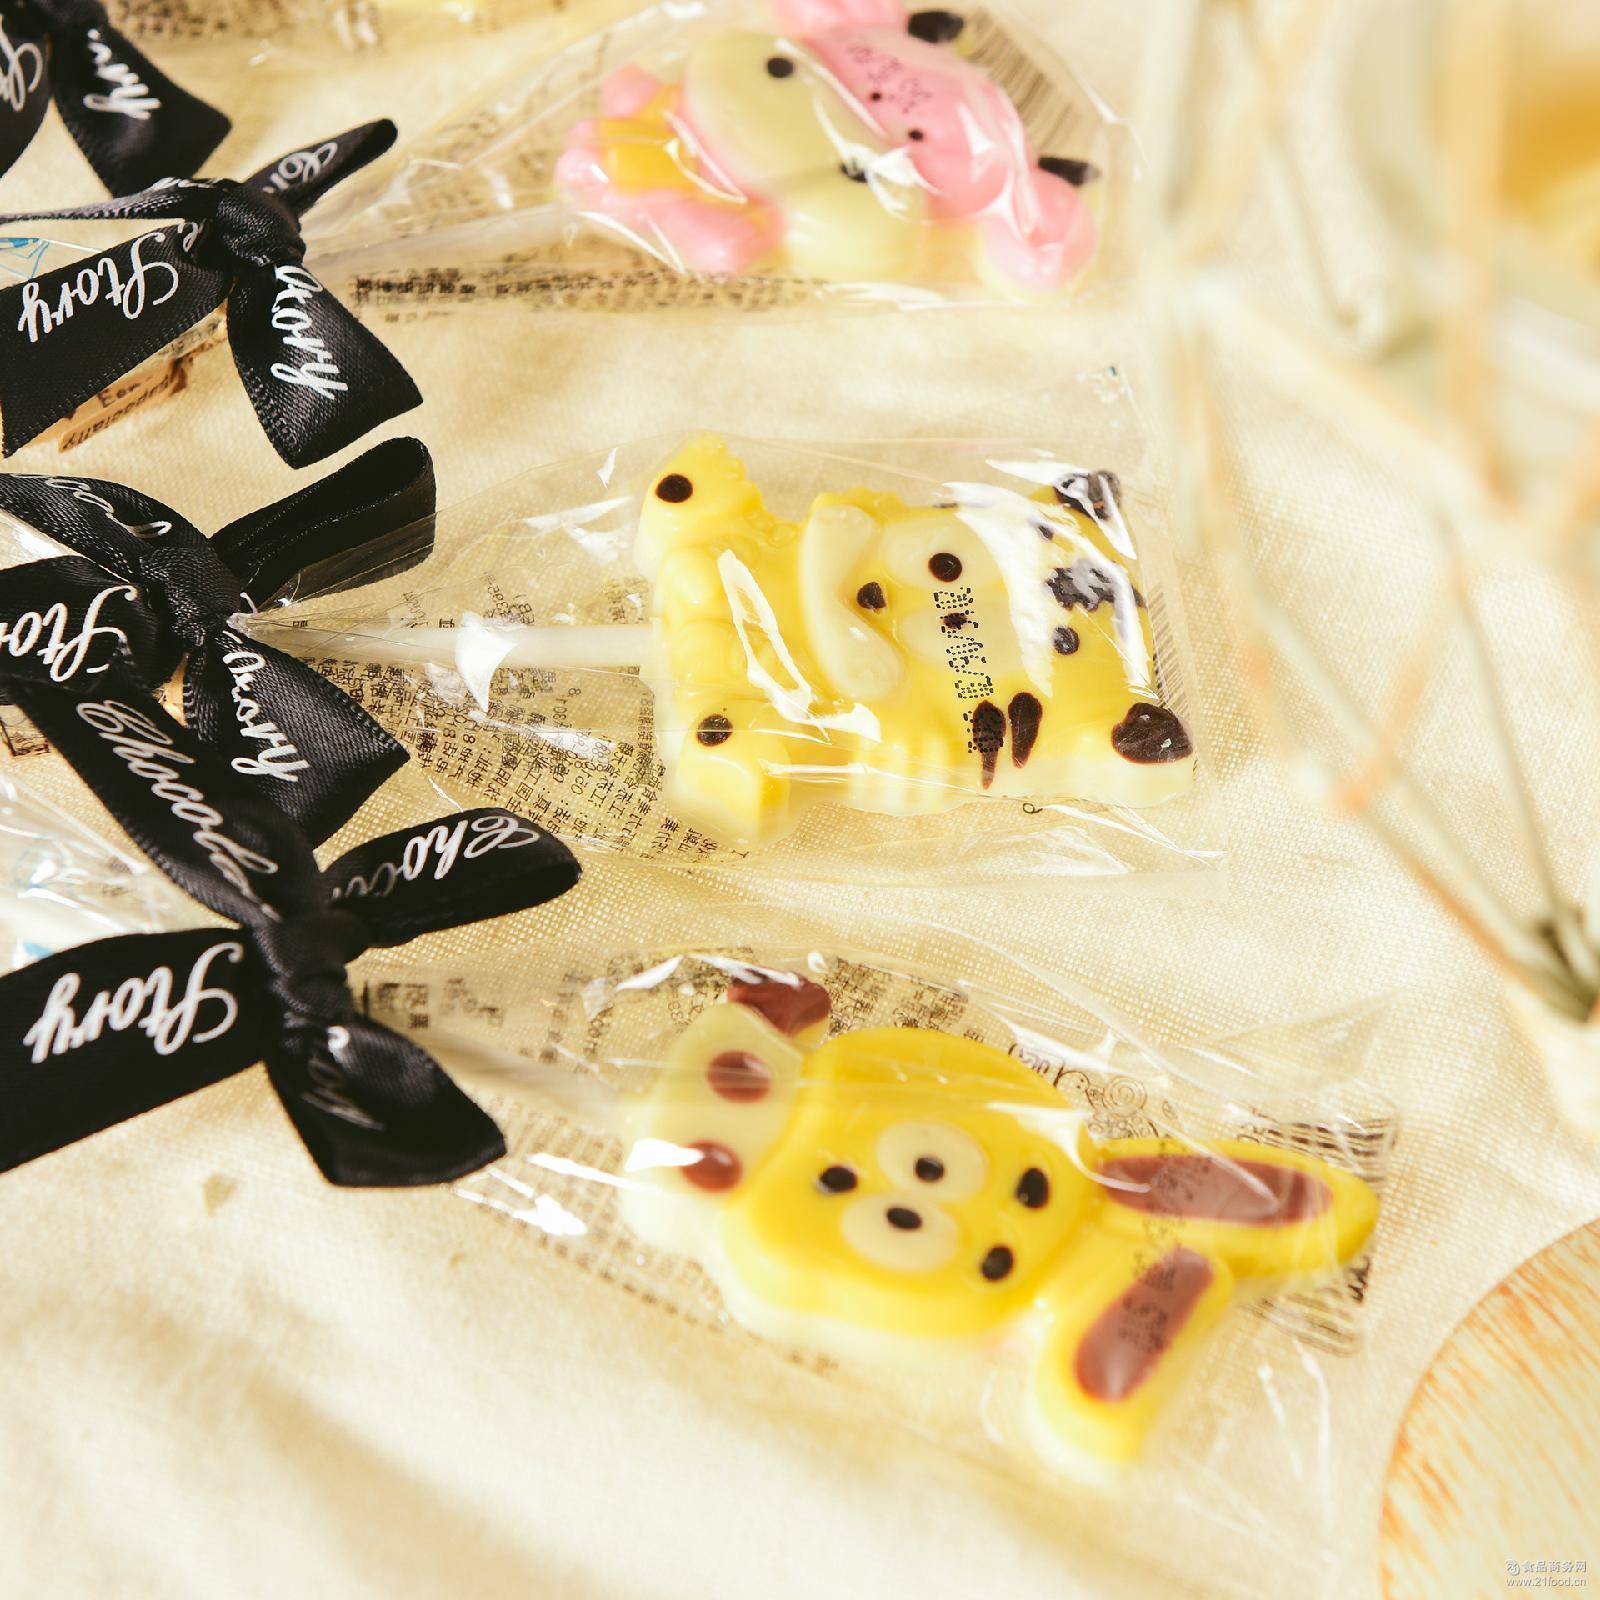 厂家直销十二生肖巧克力棒棒糖零食糖果手工生产40支/盒1盒起发